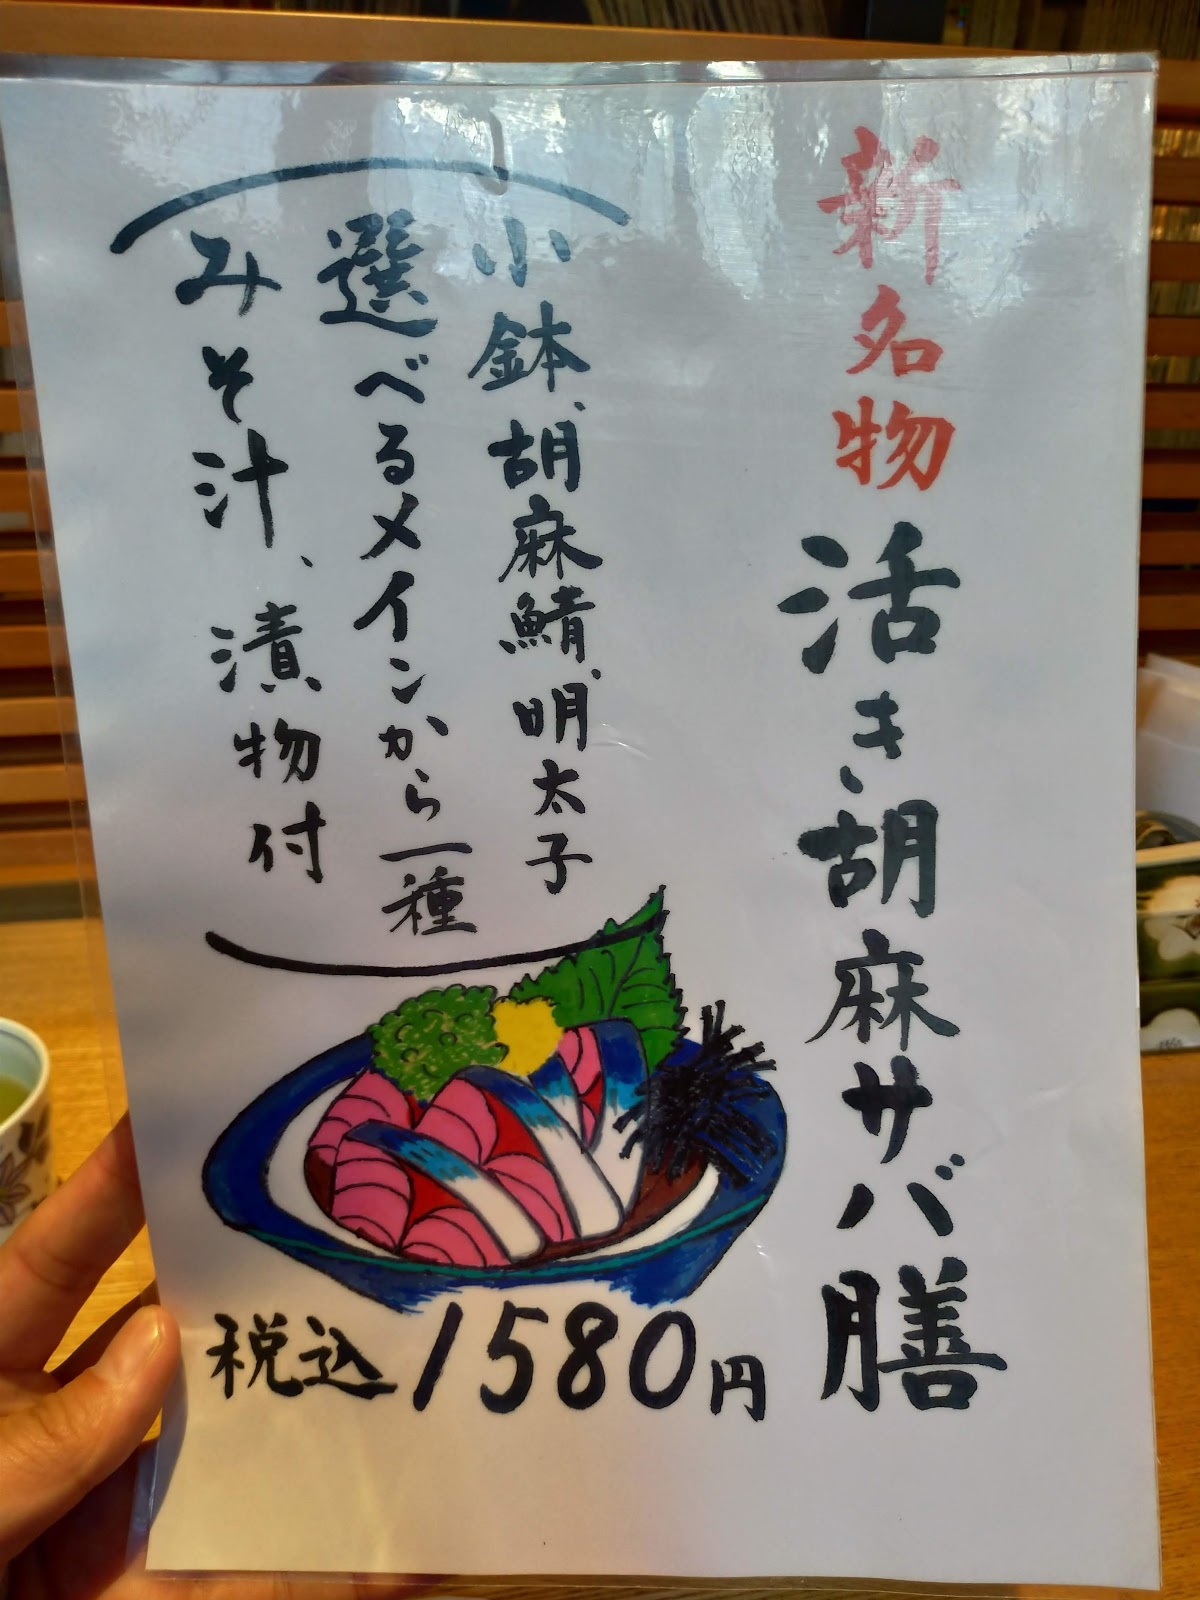 【福岡グルメ】福岡市今泉 魚忠でうに、いくら、まぐろの魚忠丼ランチがおすすめです!